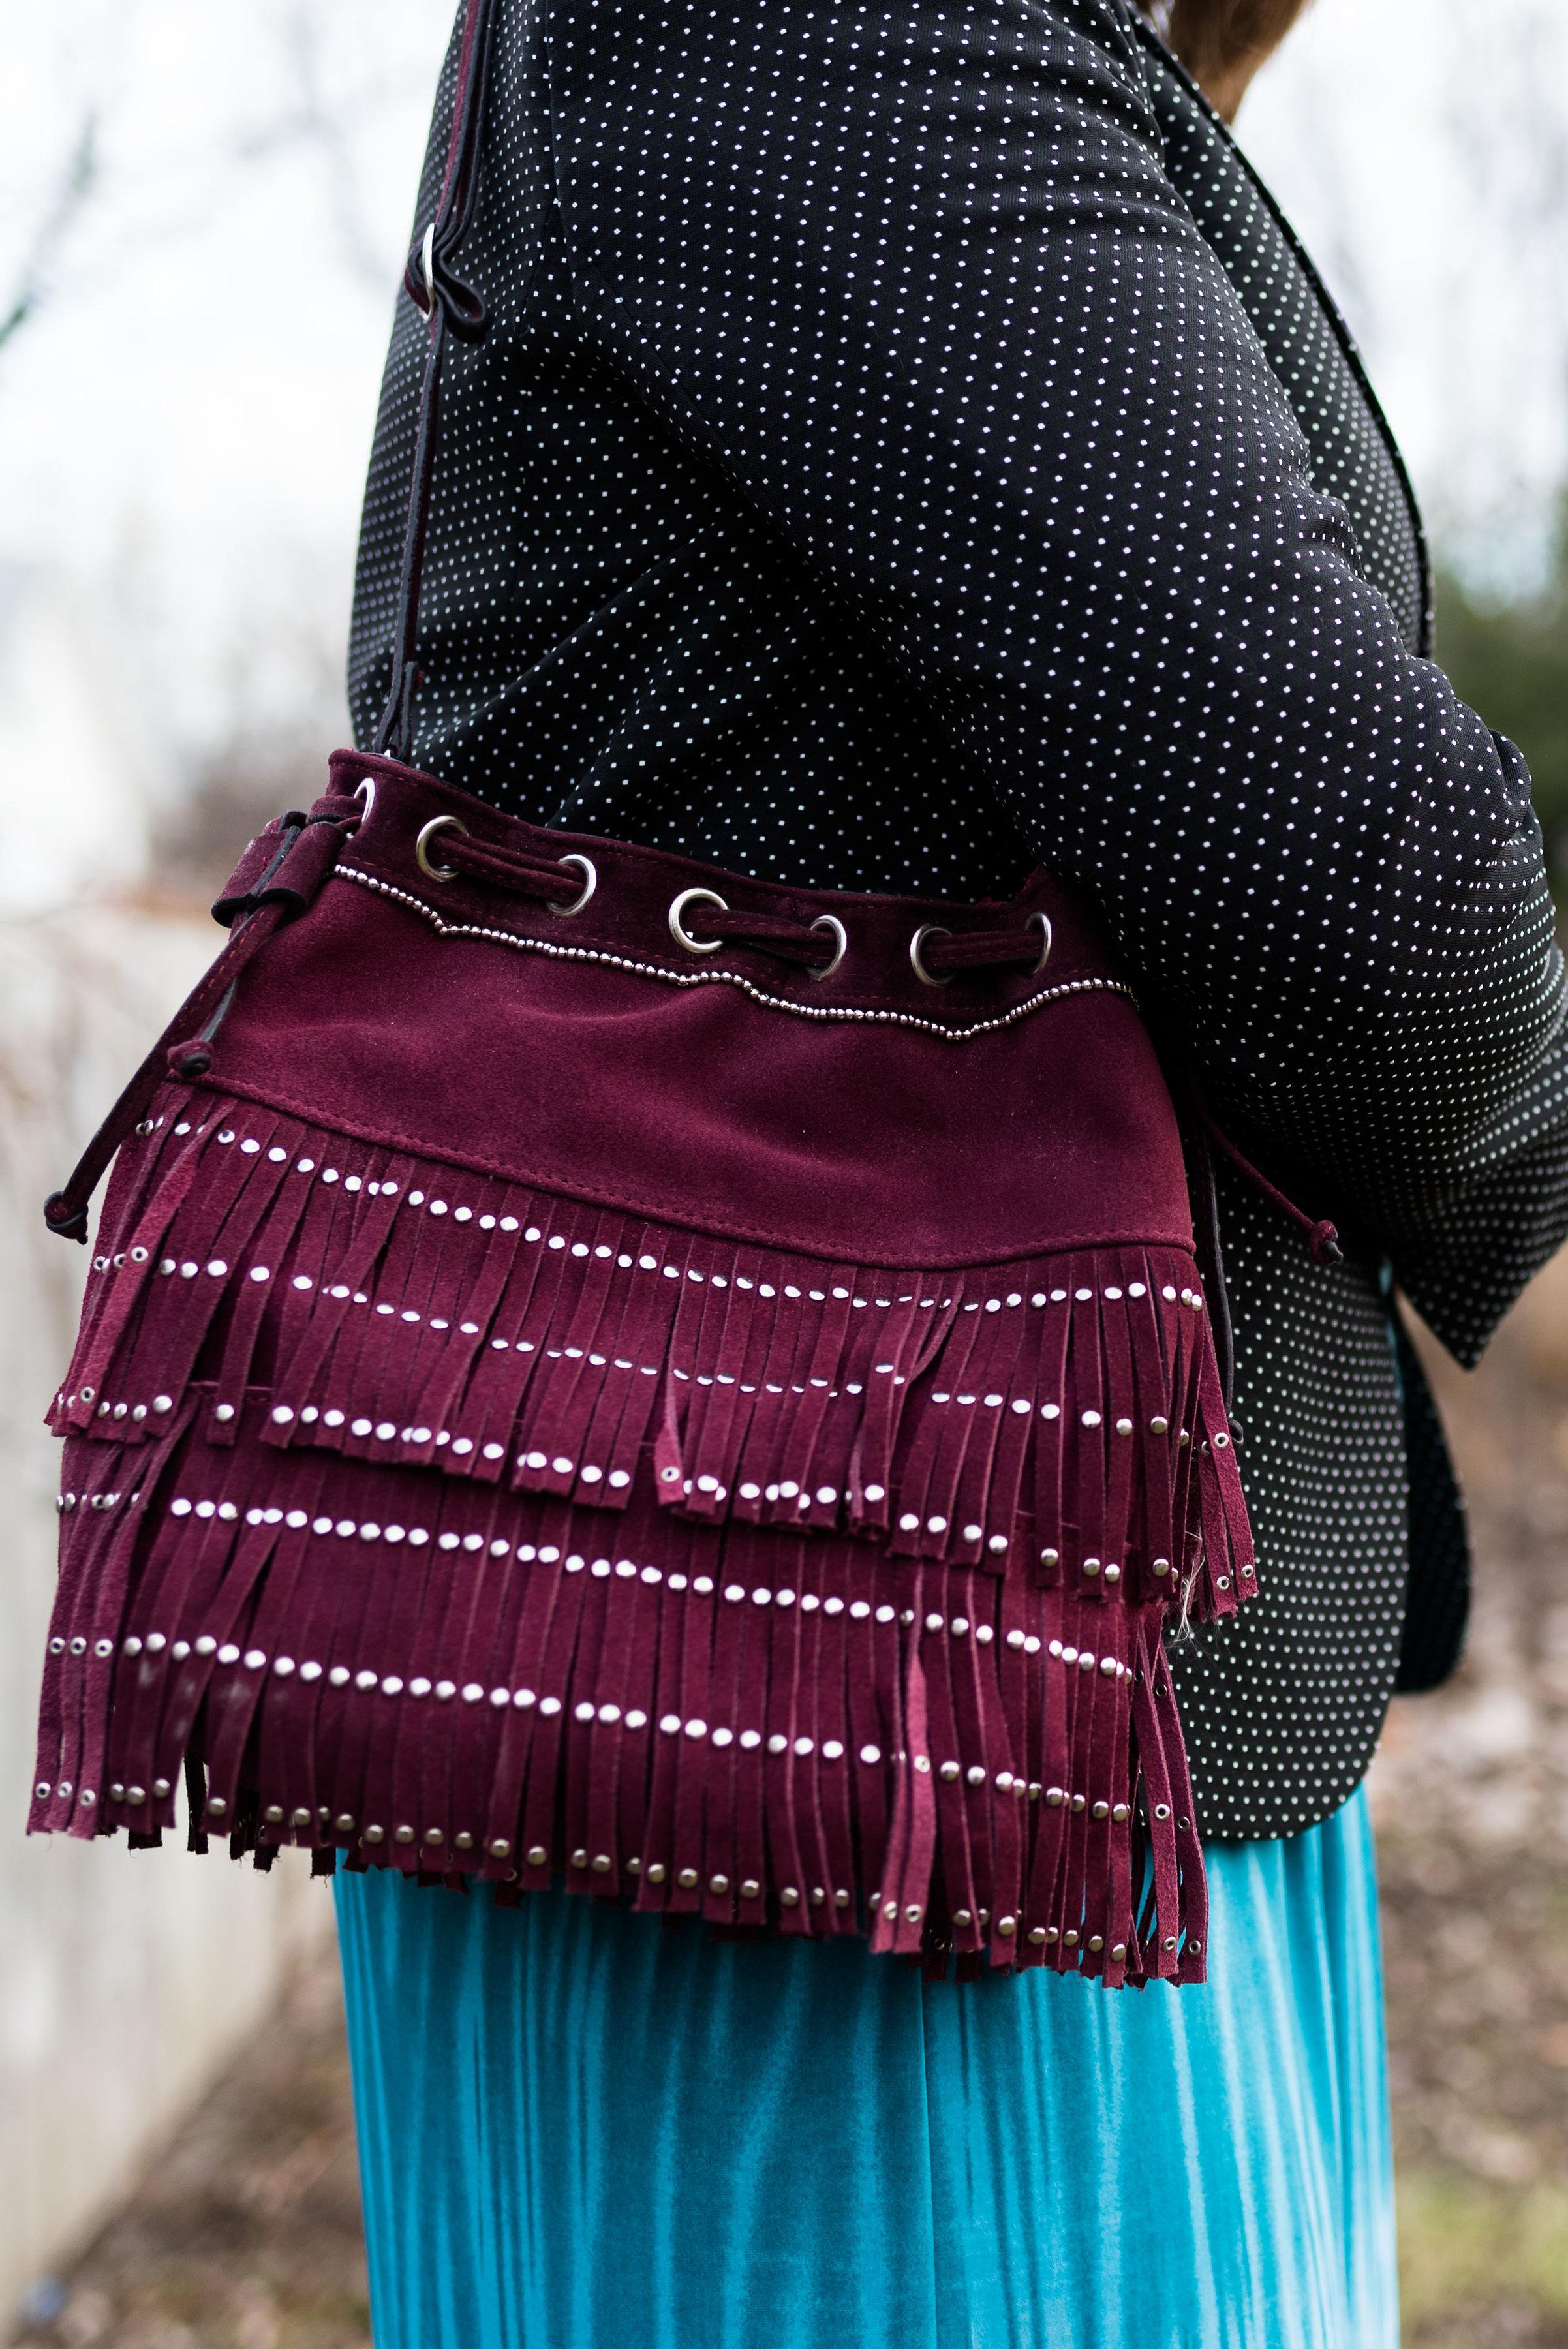 fashionover40winterstylepolkadotblazer-7.jpg